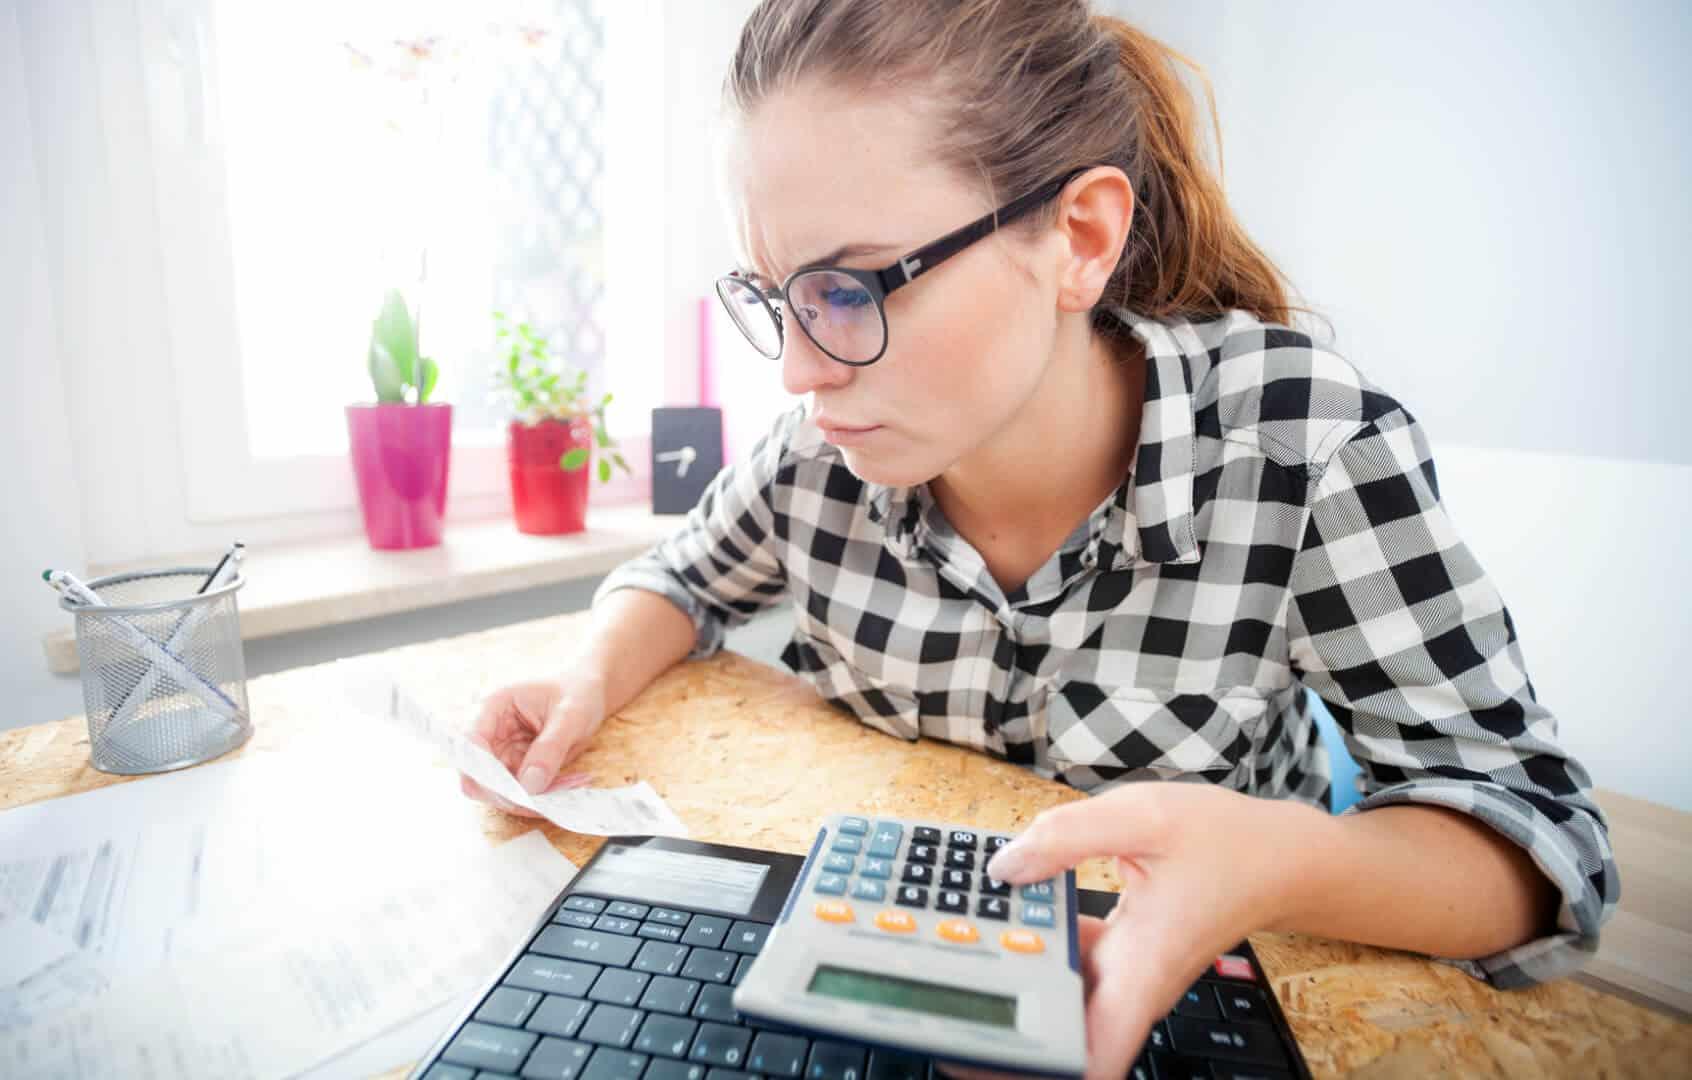 Alíquota: O que é esse valor e qual a porcentagem dos impostos